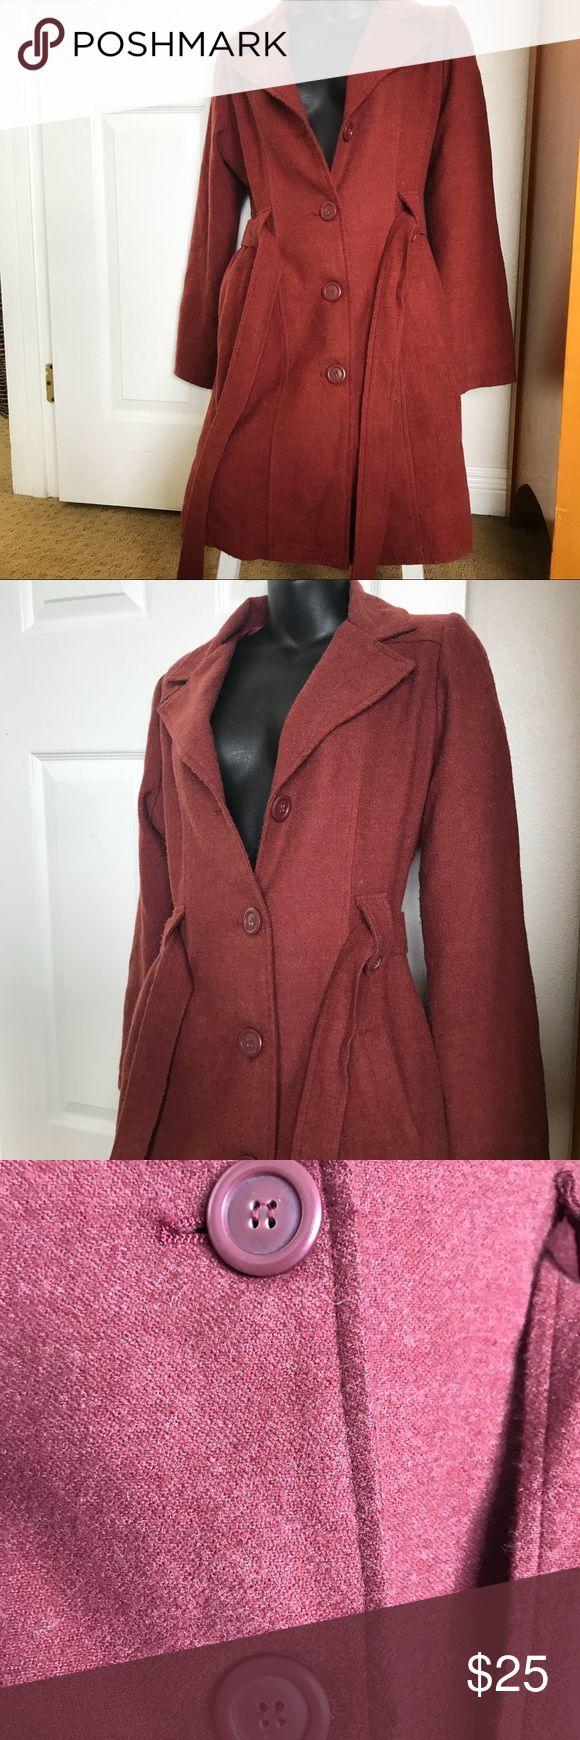 Doki-Geki American Brand Brick Red Pea 🧥 Coat Doki-Geki American Brand Brick Red Pea 🧥  Coat. Size Large. Beautiful coat. Doki-Geki Jackets & Coats Pea Coats